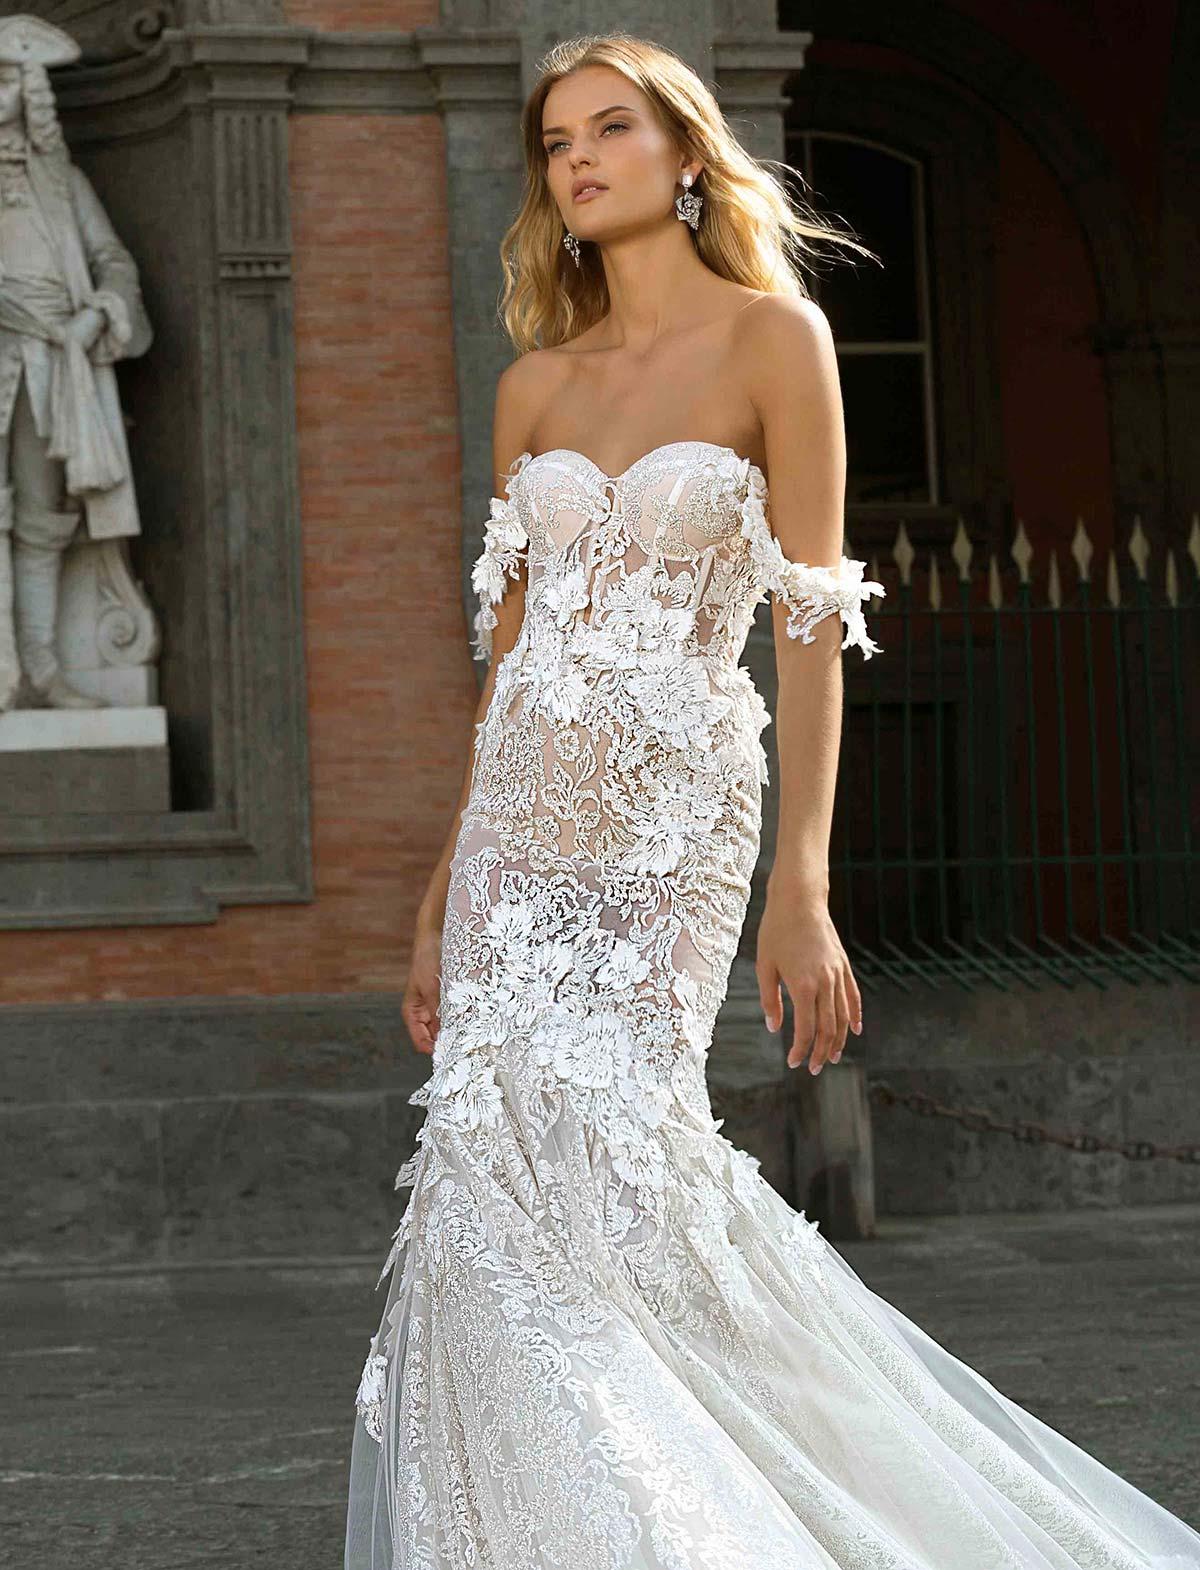 Berta Bridal 20-101 Abito Sposa